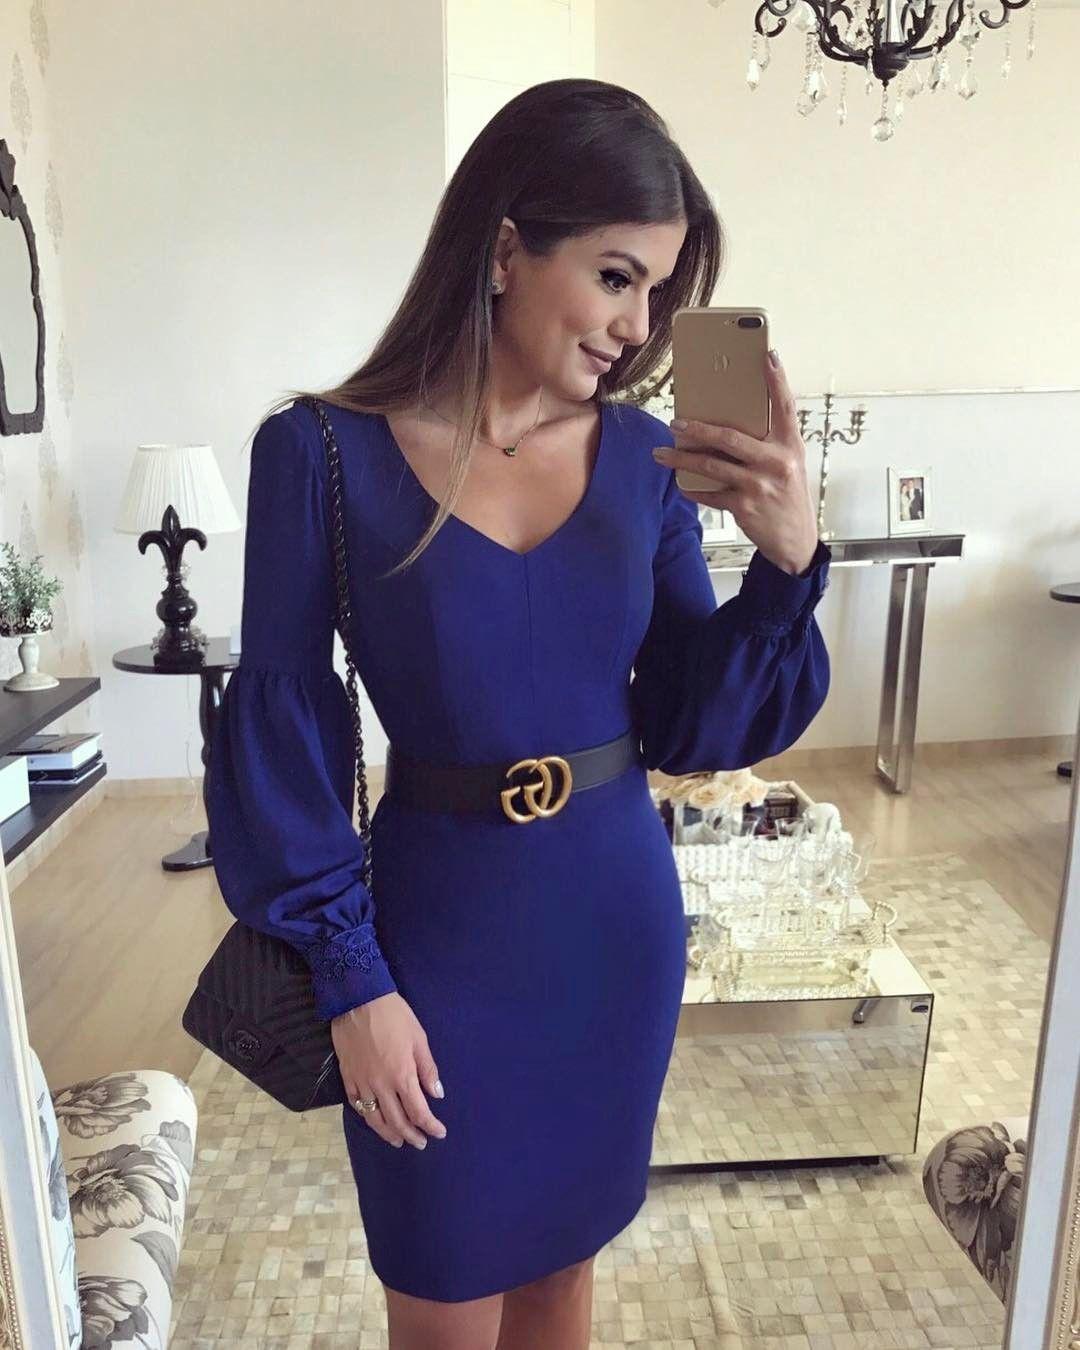 Vestido azul e preto domingo legal